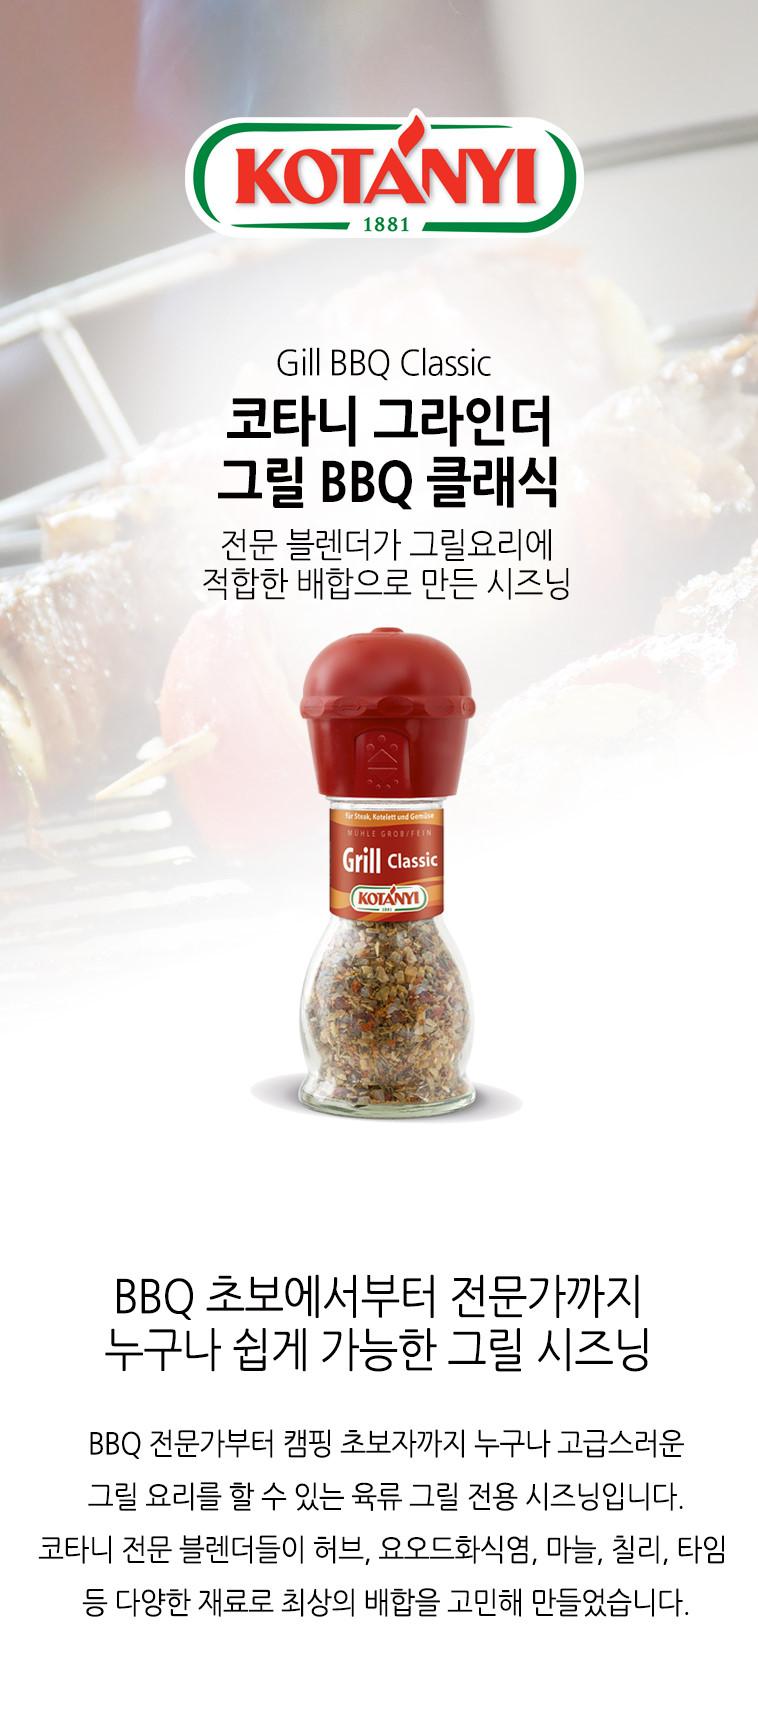 코타니-그릴BBQ 클래식 그라인더 - 코타니, 6,900원, 조미료, 소금